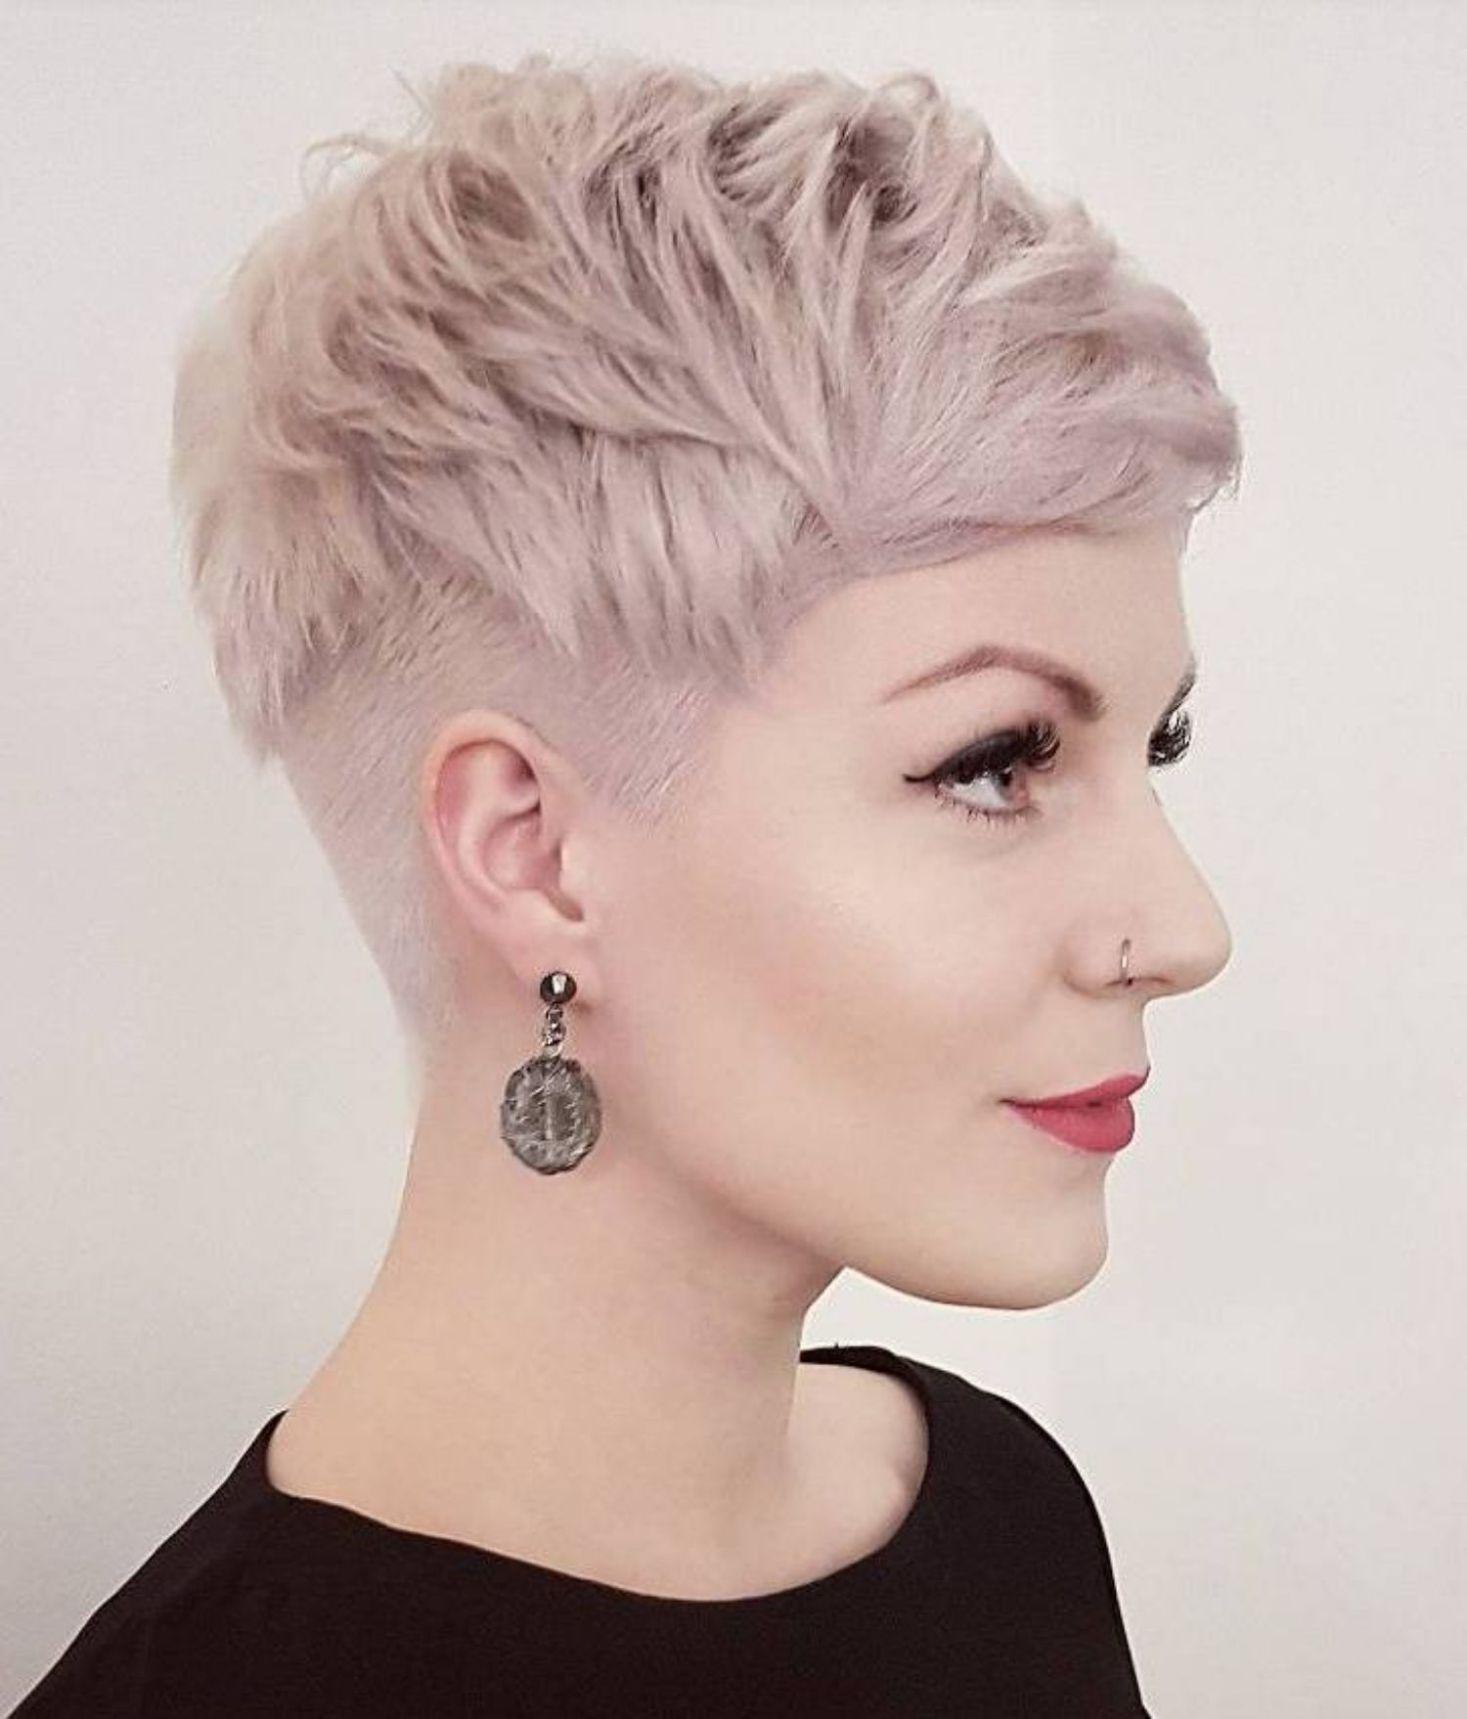 cute short pixie haircuts u femininity and practicality hair